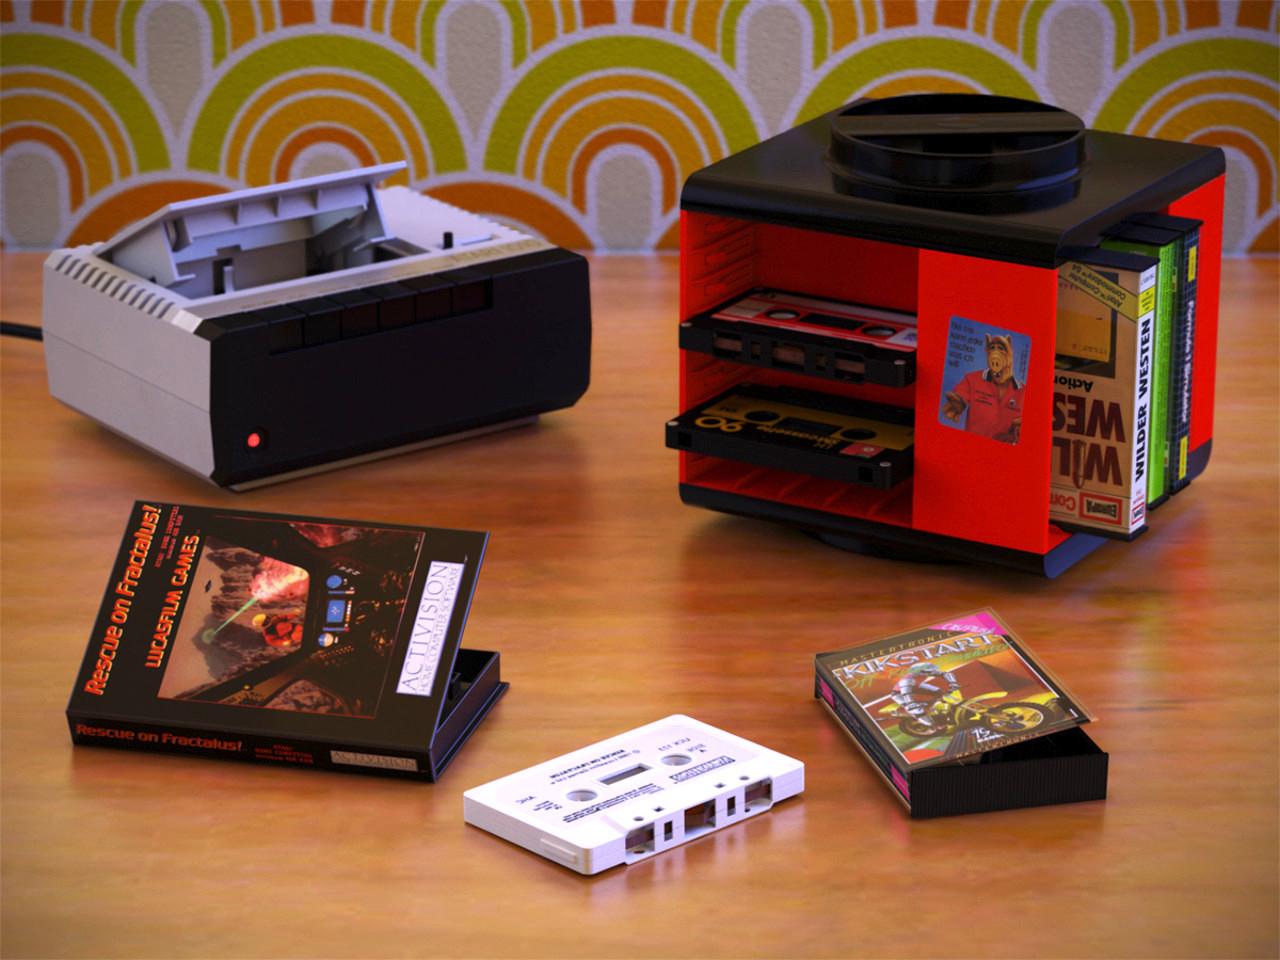 Videospiele auf Kassetten? Ja, das gab es wirklich! (Bild: René Achter, 3DPeek)